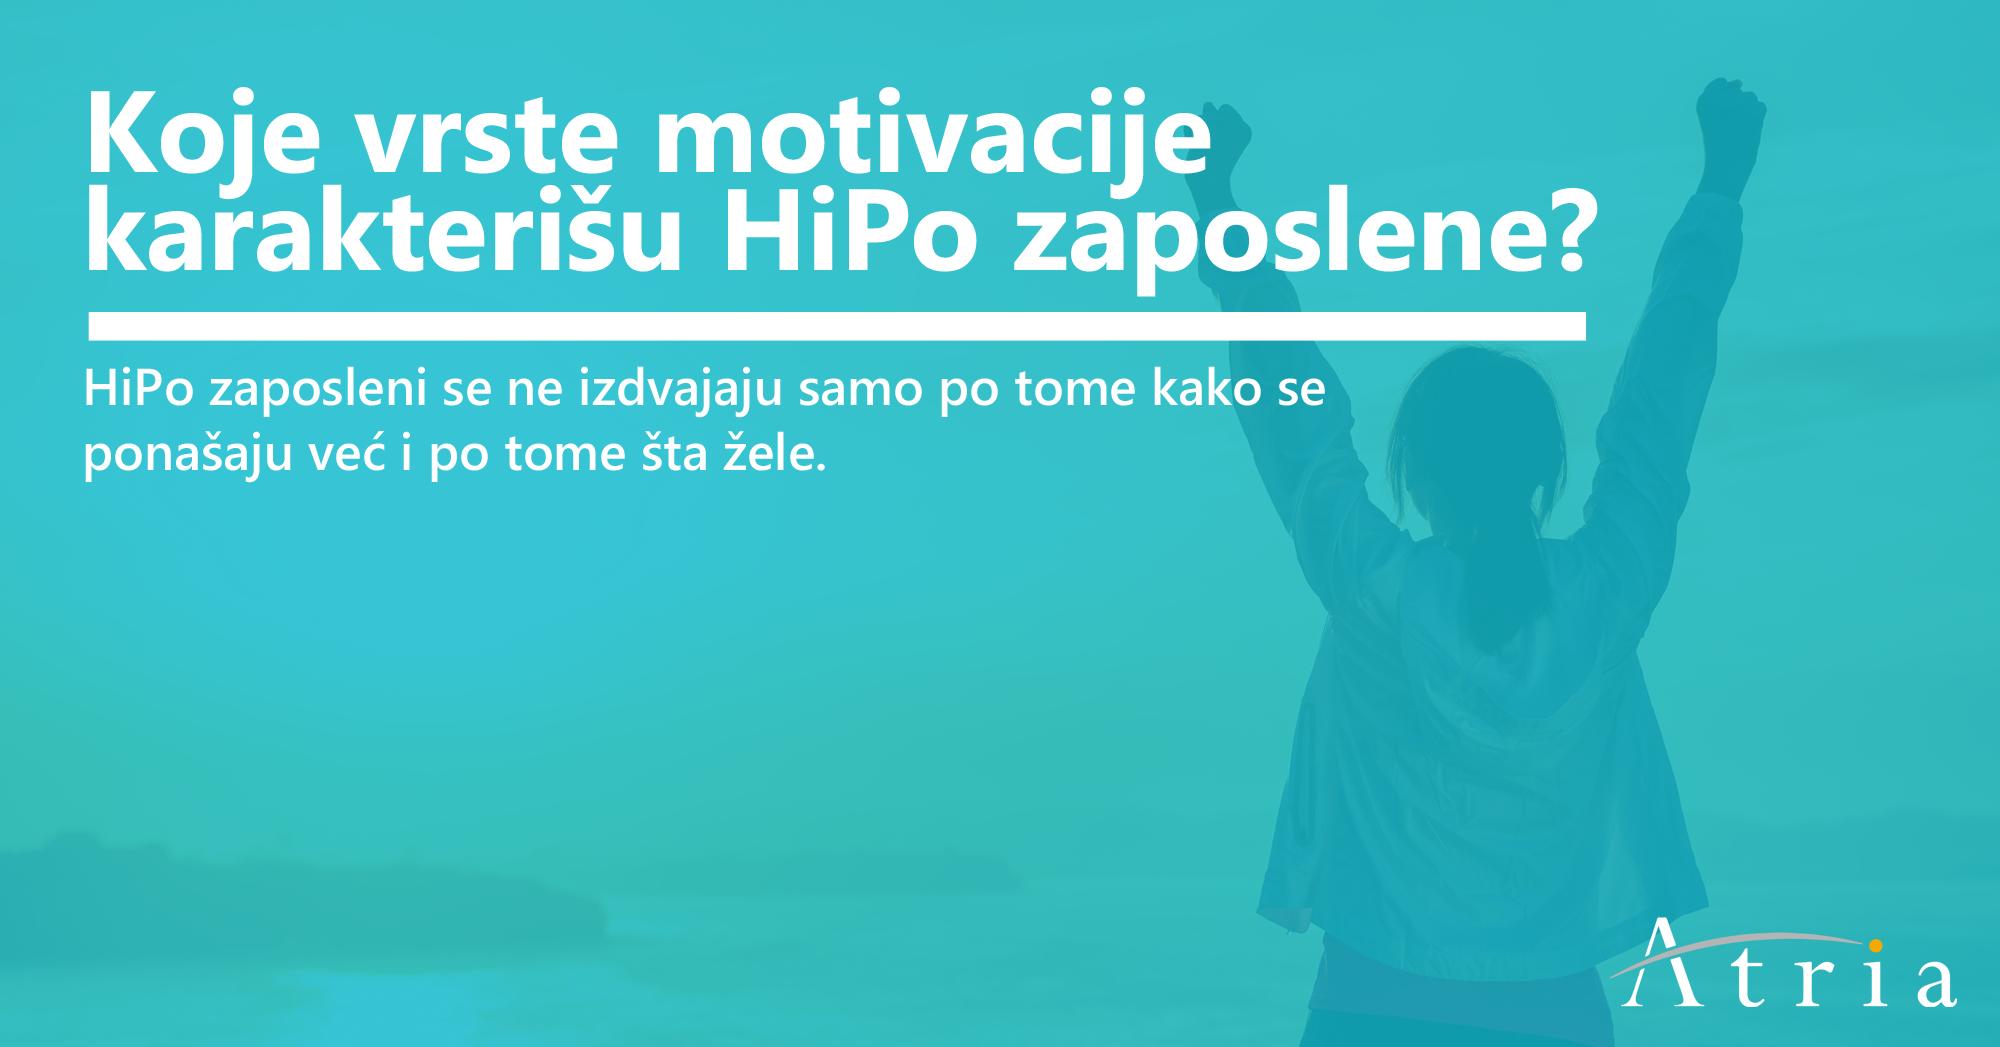 Koje vrste motivacije karakterišu HiPo zaposlene?